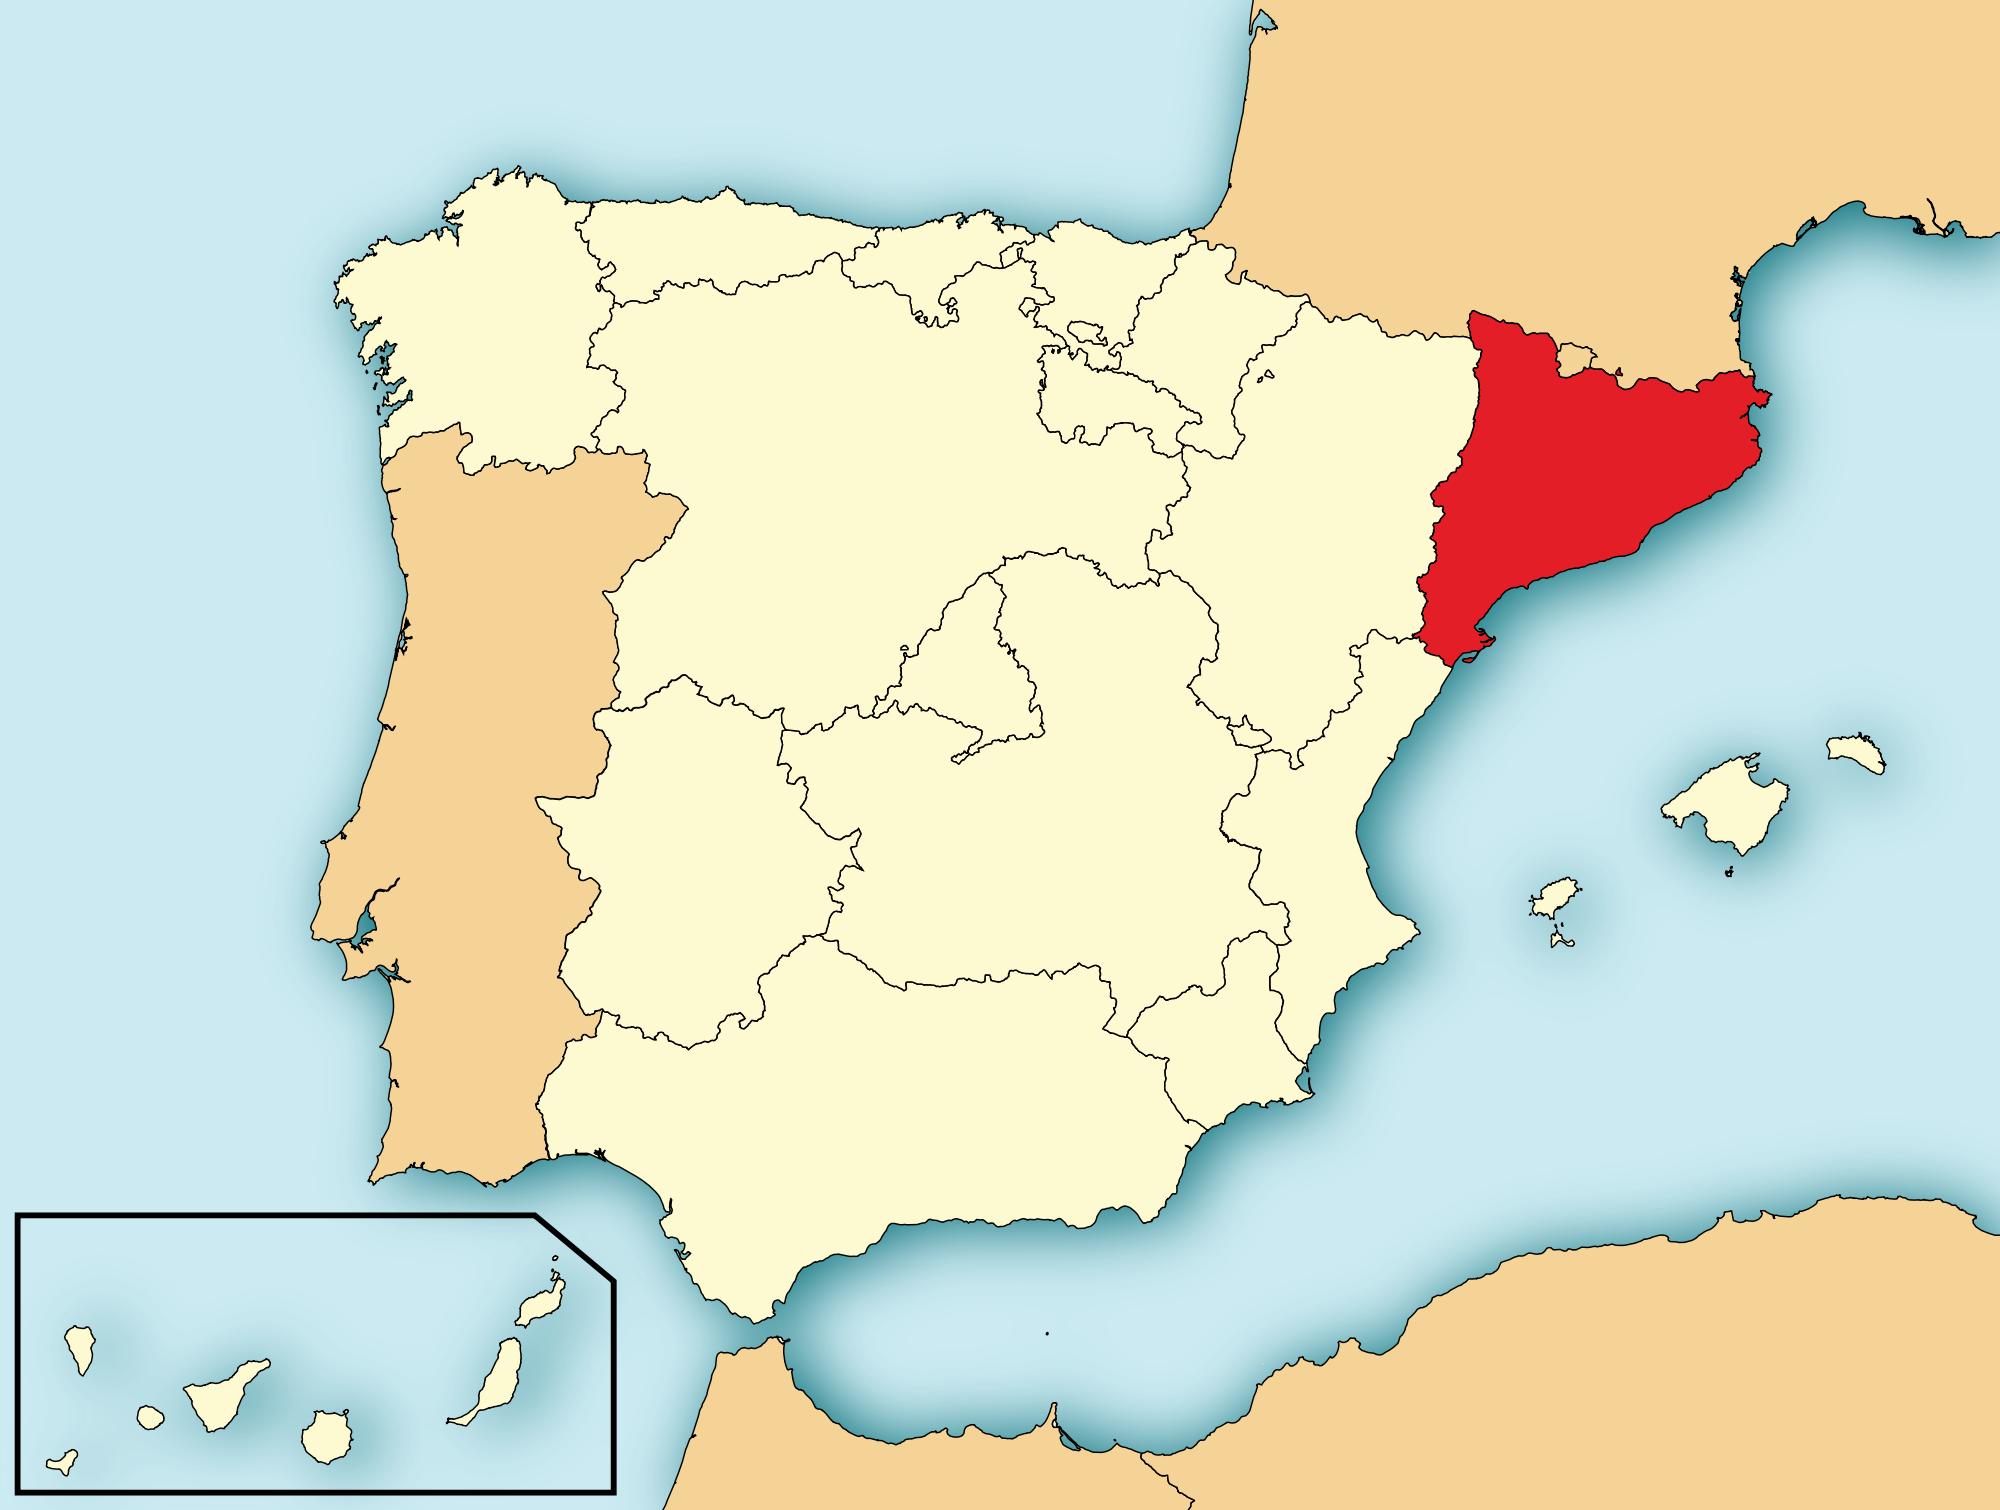 Каталония(выделена красным цветом) была присоединена к Королевству Арагон вXII веке и является частью Испании с самого основания страны.